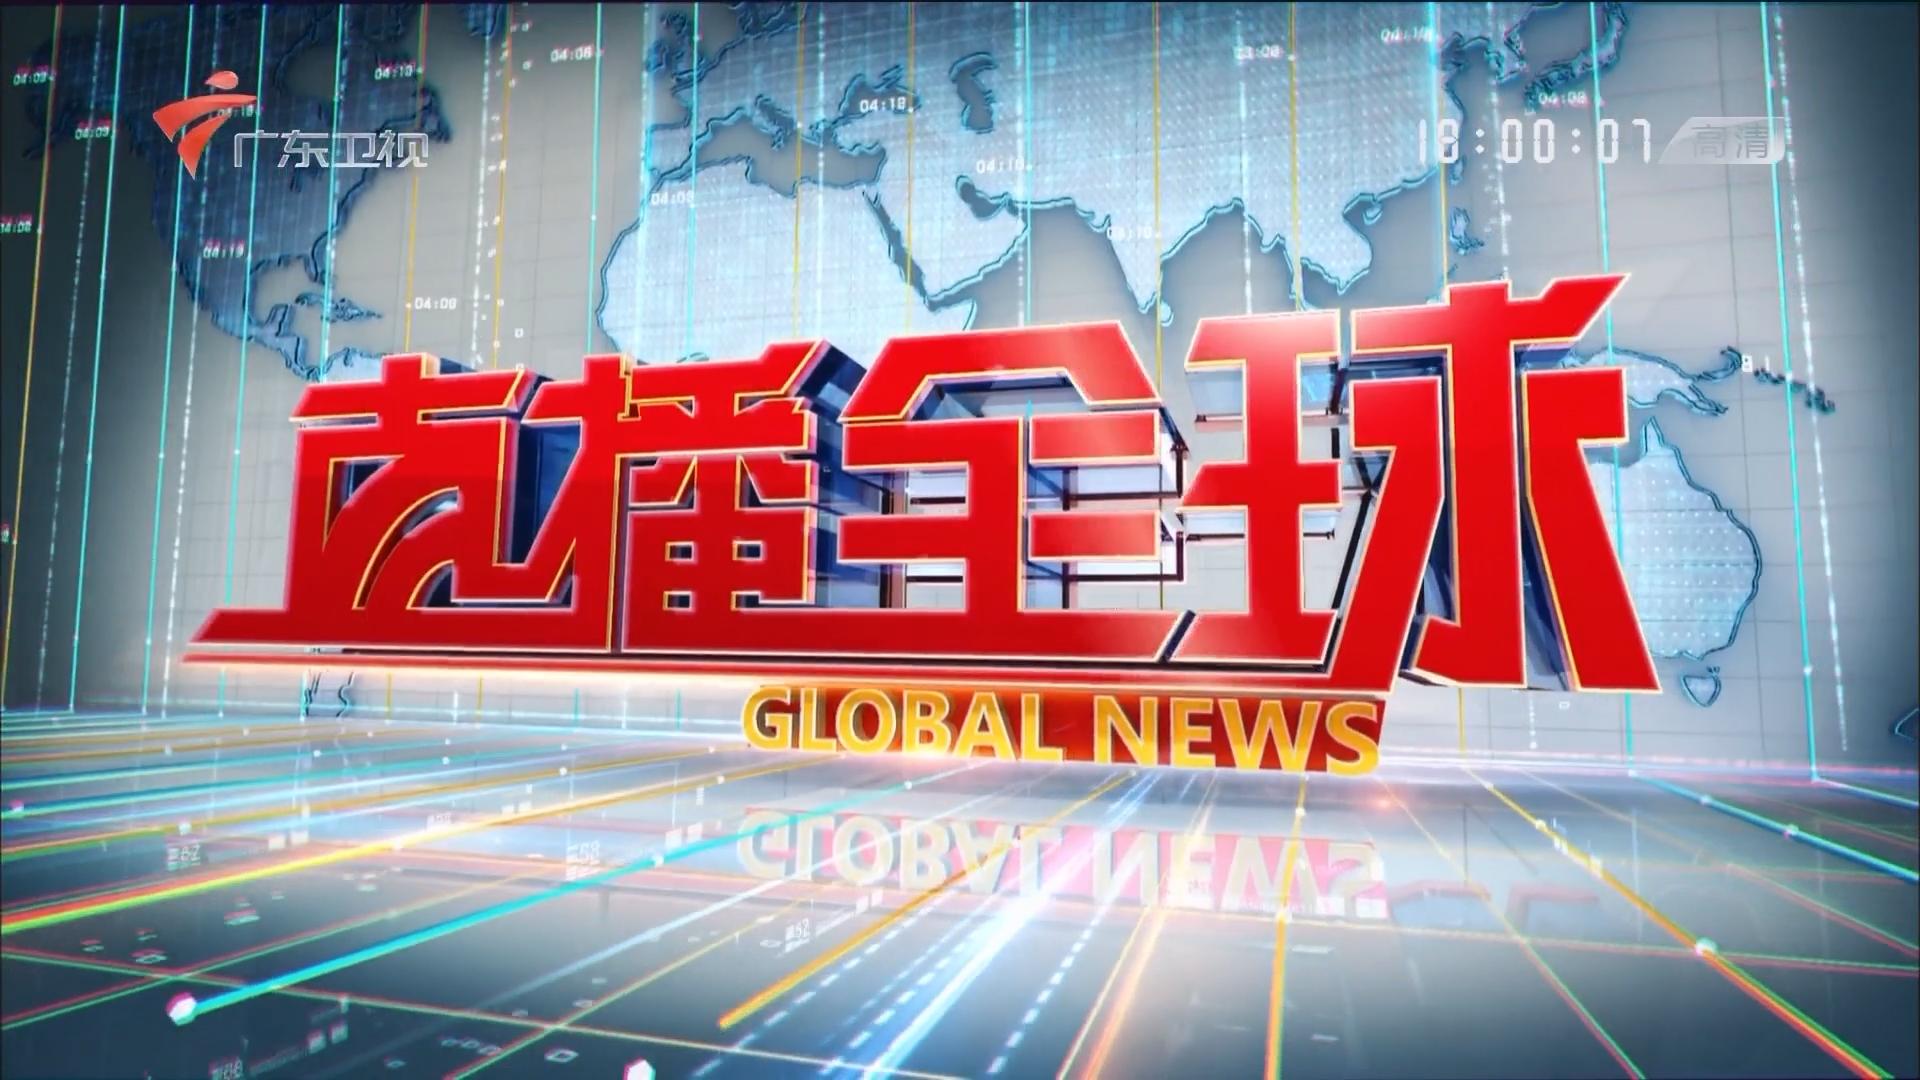 [HD][2017-10-12]直播全球:朝鲜建党节平静度过 美国却派军机威慑:朝劳动党建党72周年 民众平静庆祝